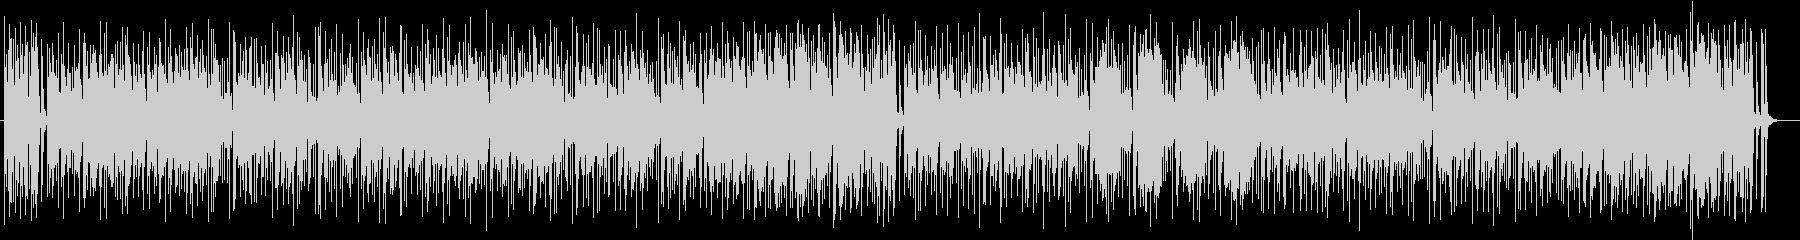 ふんわりしたイメージのコミカル曲の未再生の波形